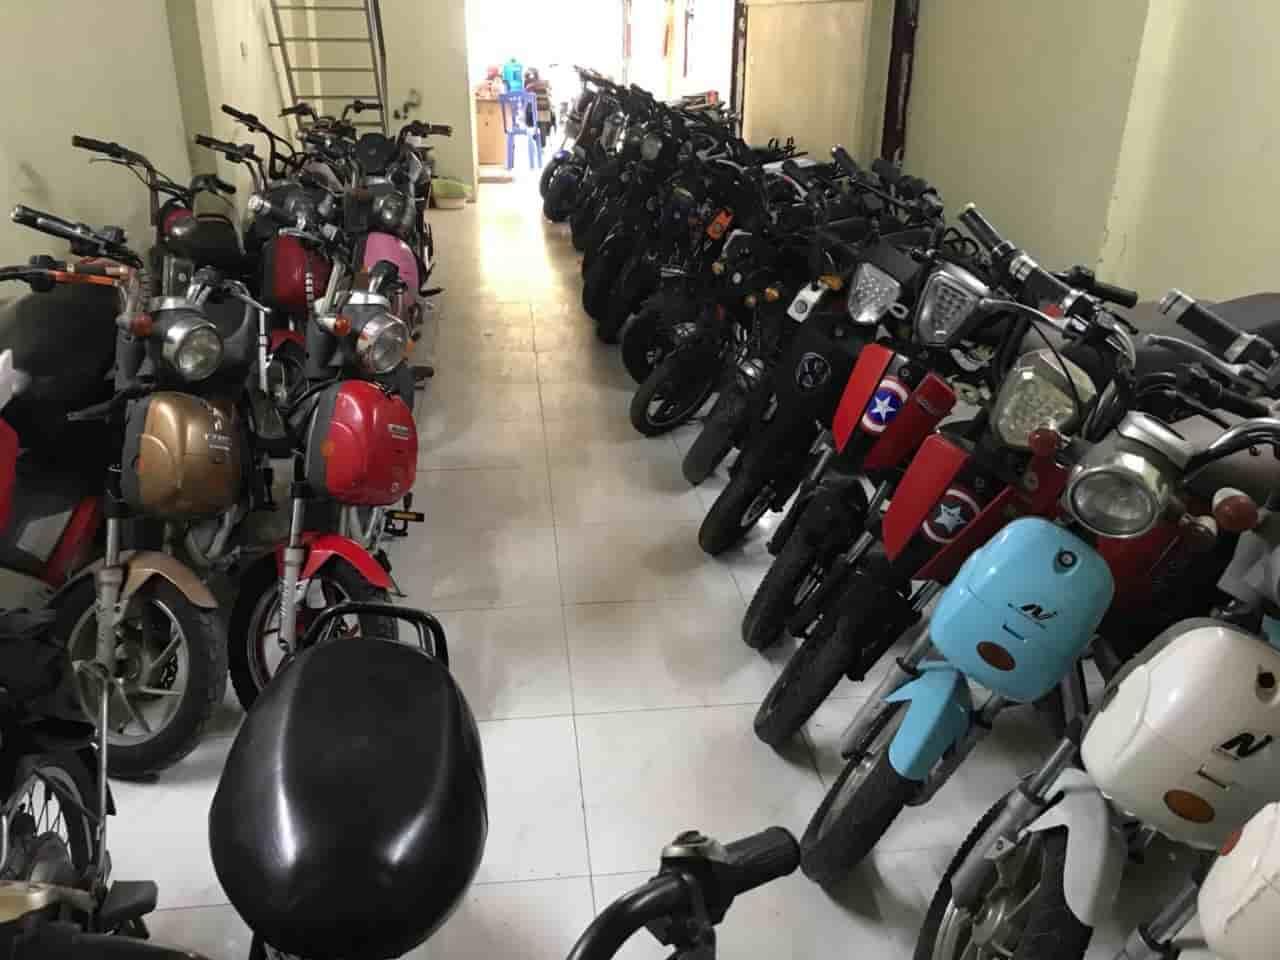 bán xe đạp điện cũ - xe máy điện cũ